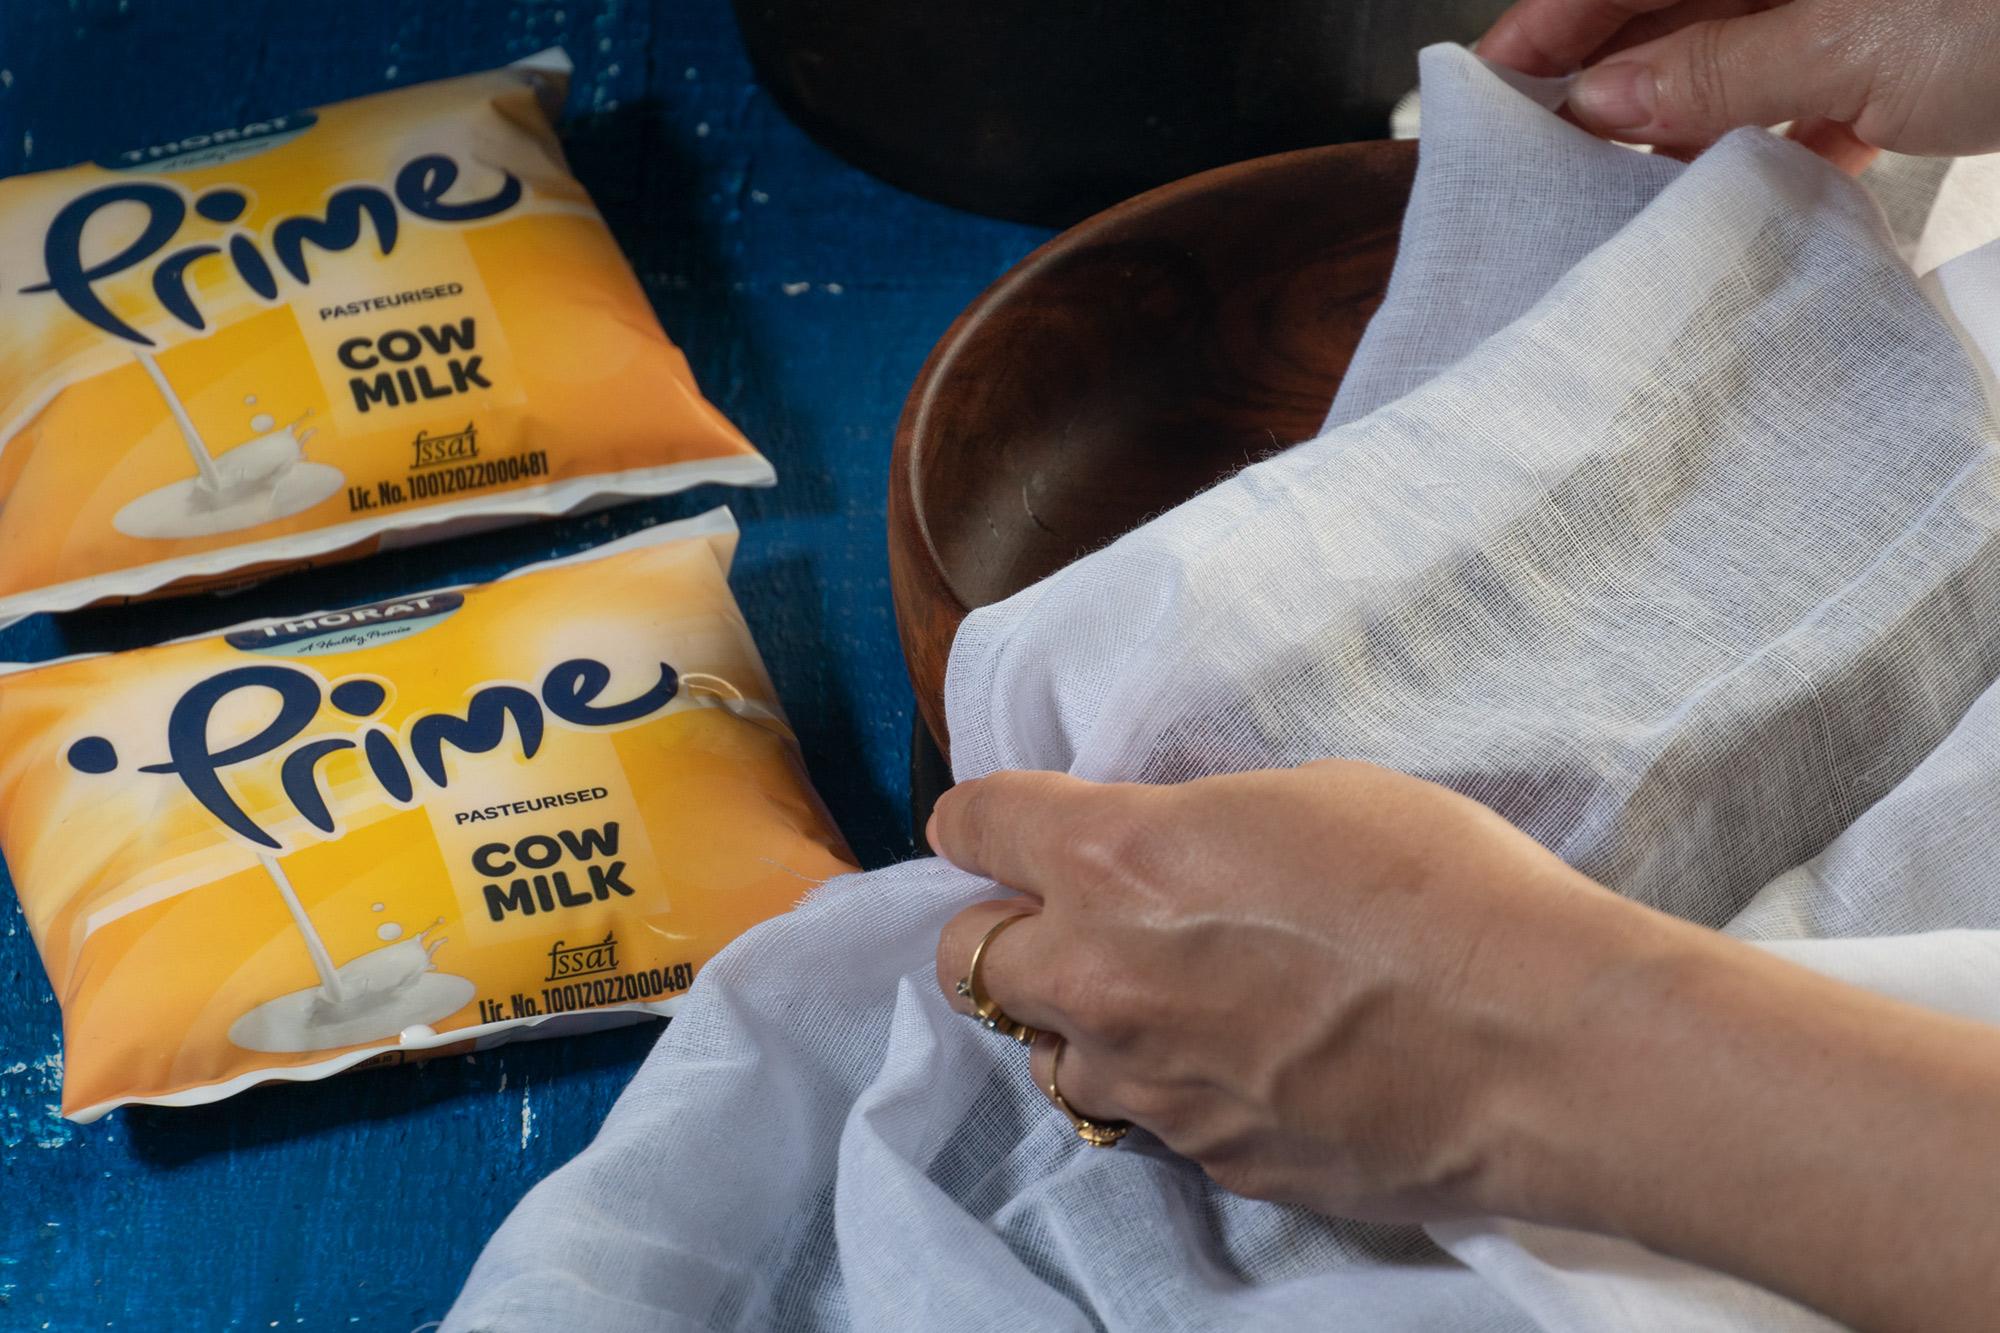 Use a muslin cloth